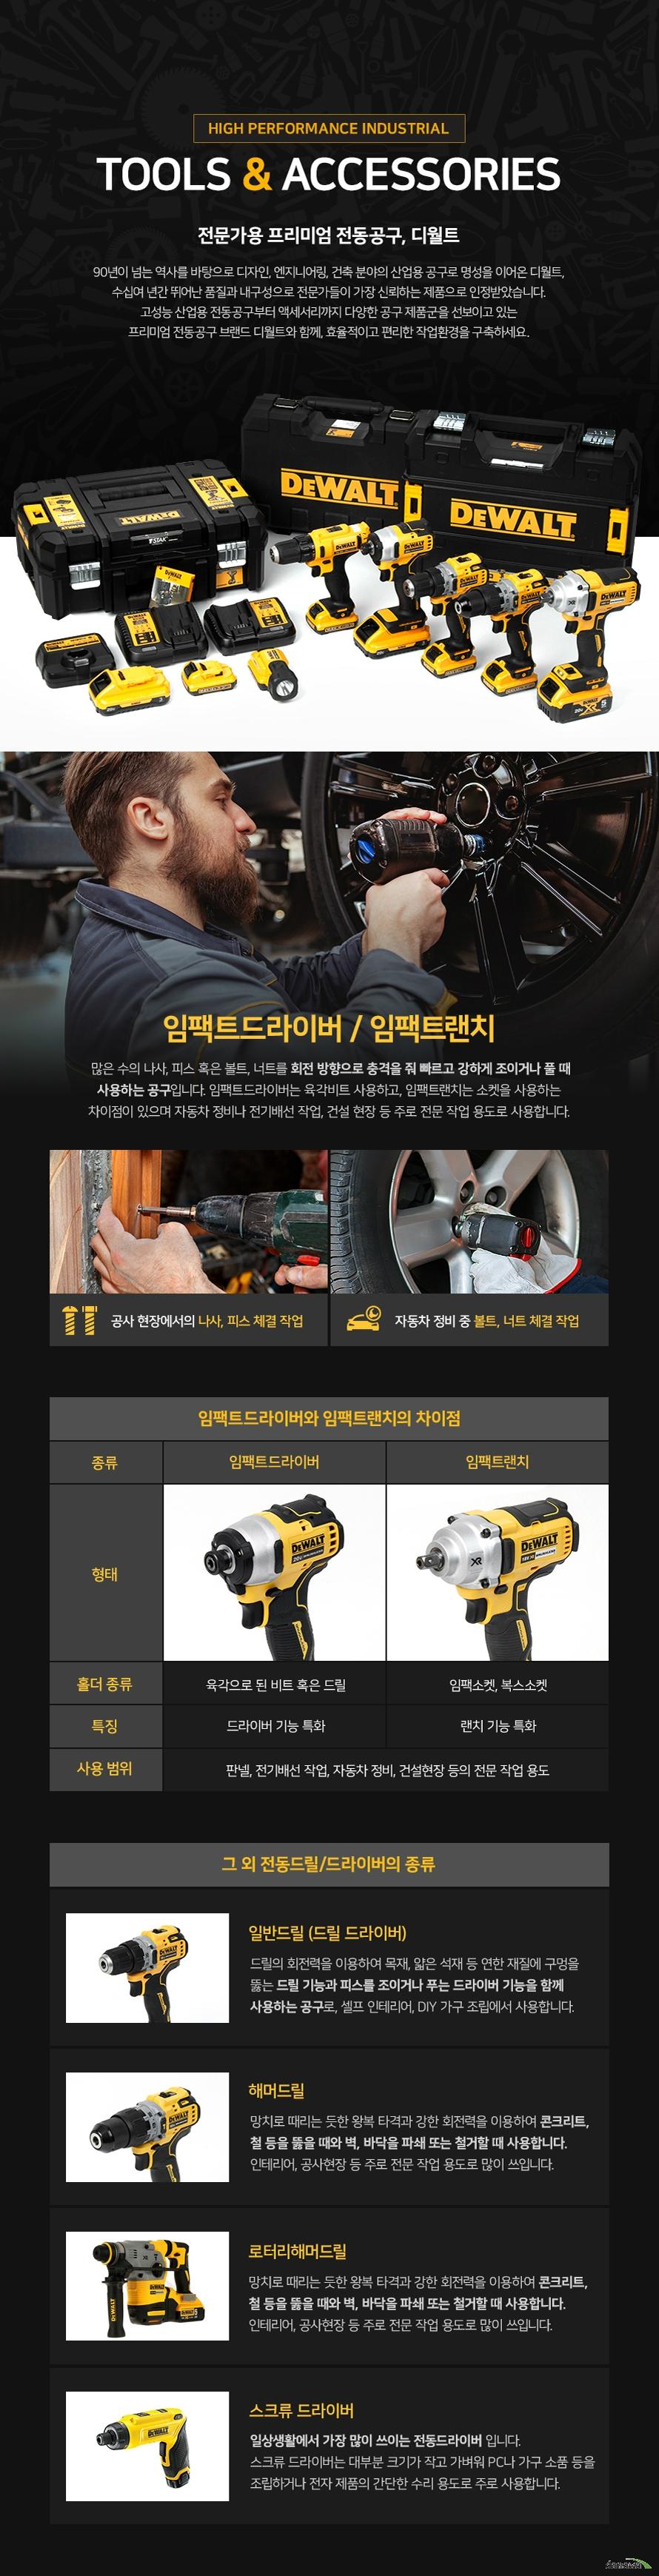 [촬영상품] 디월트 DCF880 (5.0Ah, 배터리 2개)